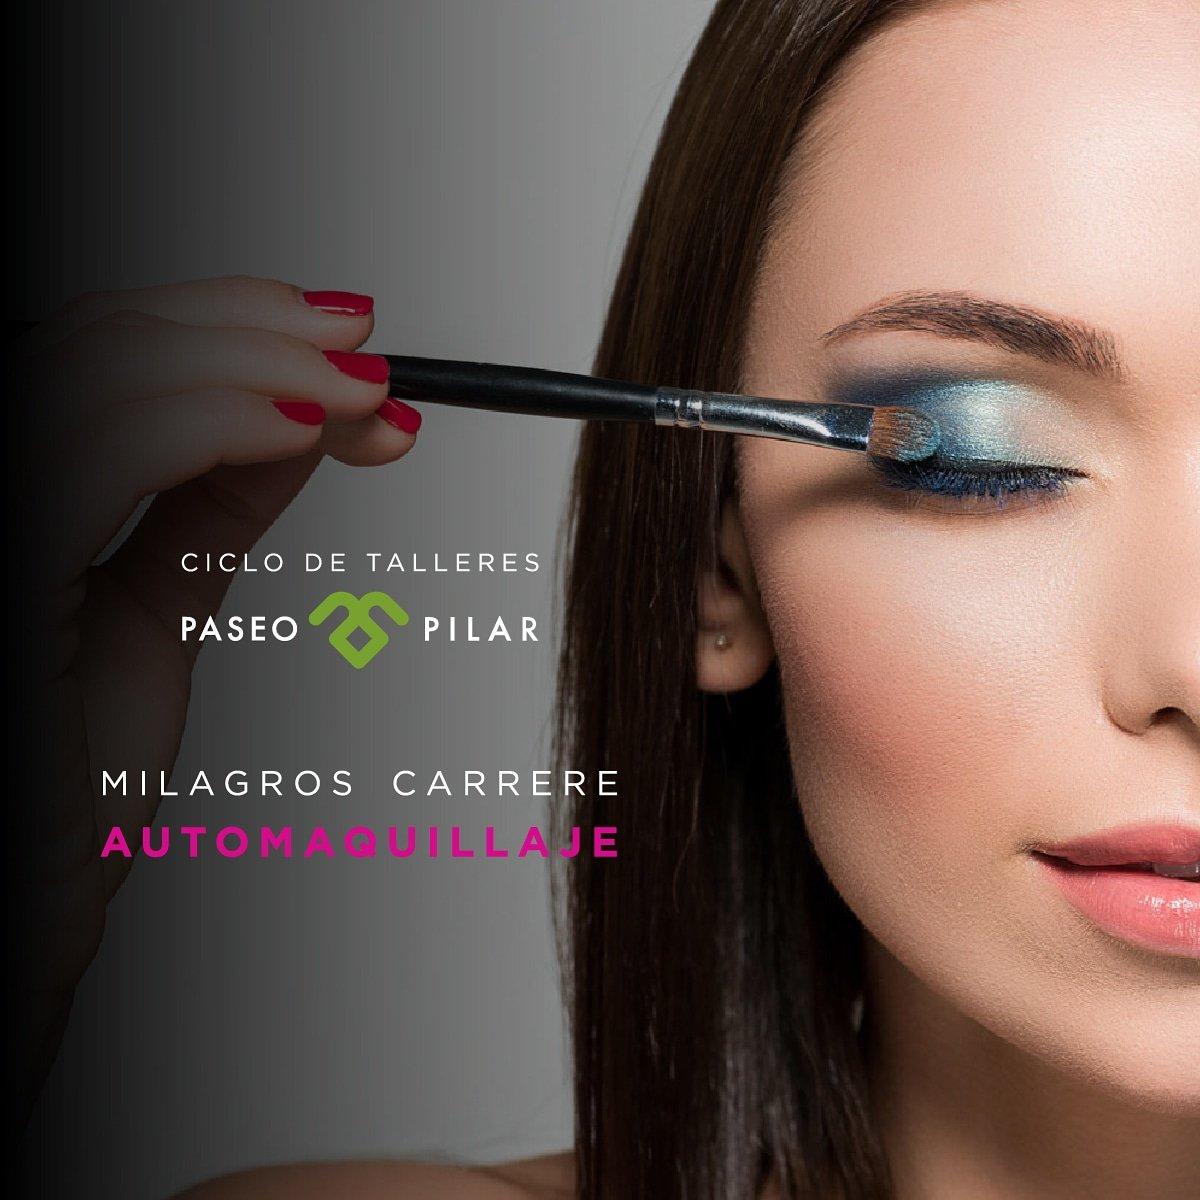 En #Septiembre arrancan los Talleres de Paseo !!! Aprendé a maquillarte como una profesional, con el Curso de automaquillaje de Milagros Carrere.  ¿Cuándo? Miercoles 25 y Jueves 26 de 17.30 a 19.30 hs ¿Dónde? En @paseopilar INSCRIBITE, cupos limitados : +549114048-3182 pic.twitter.com/hiaZSUHY5u